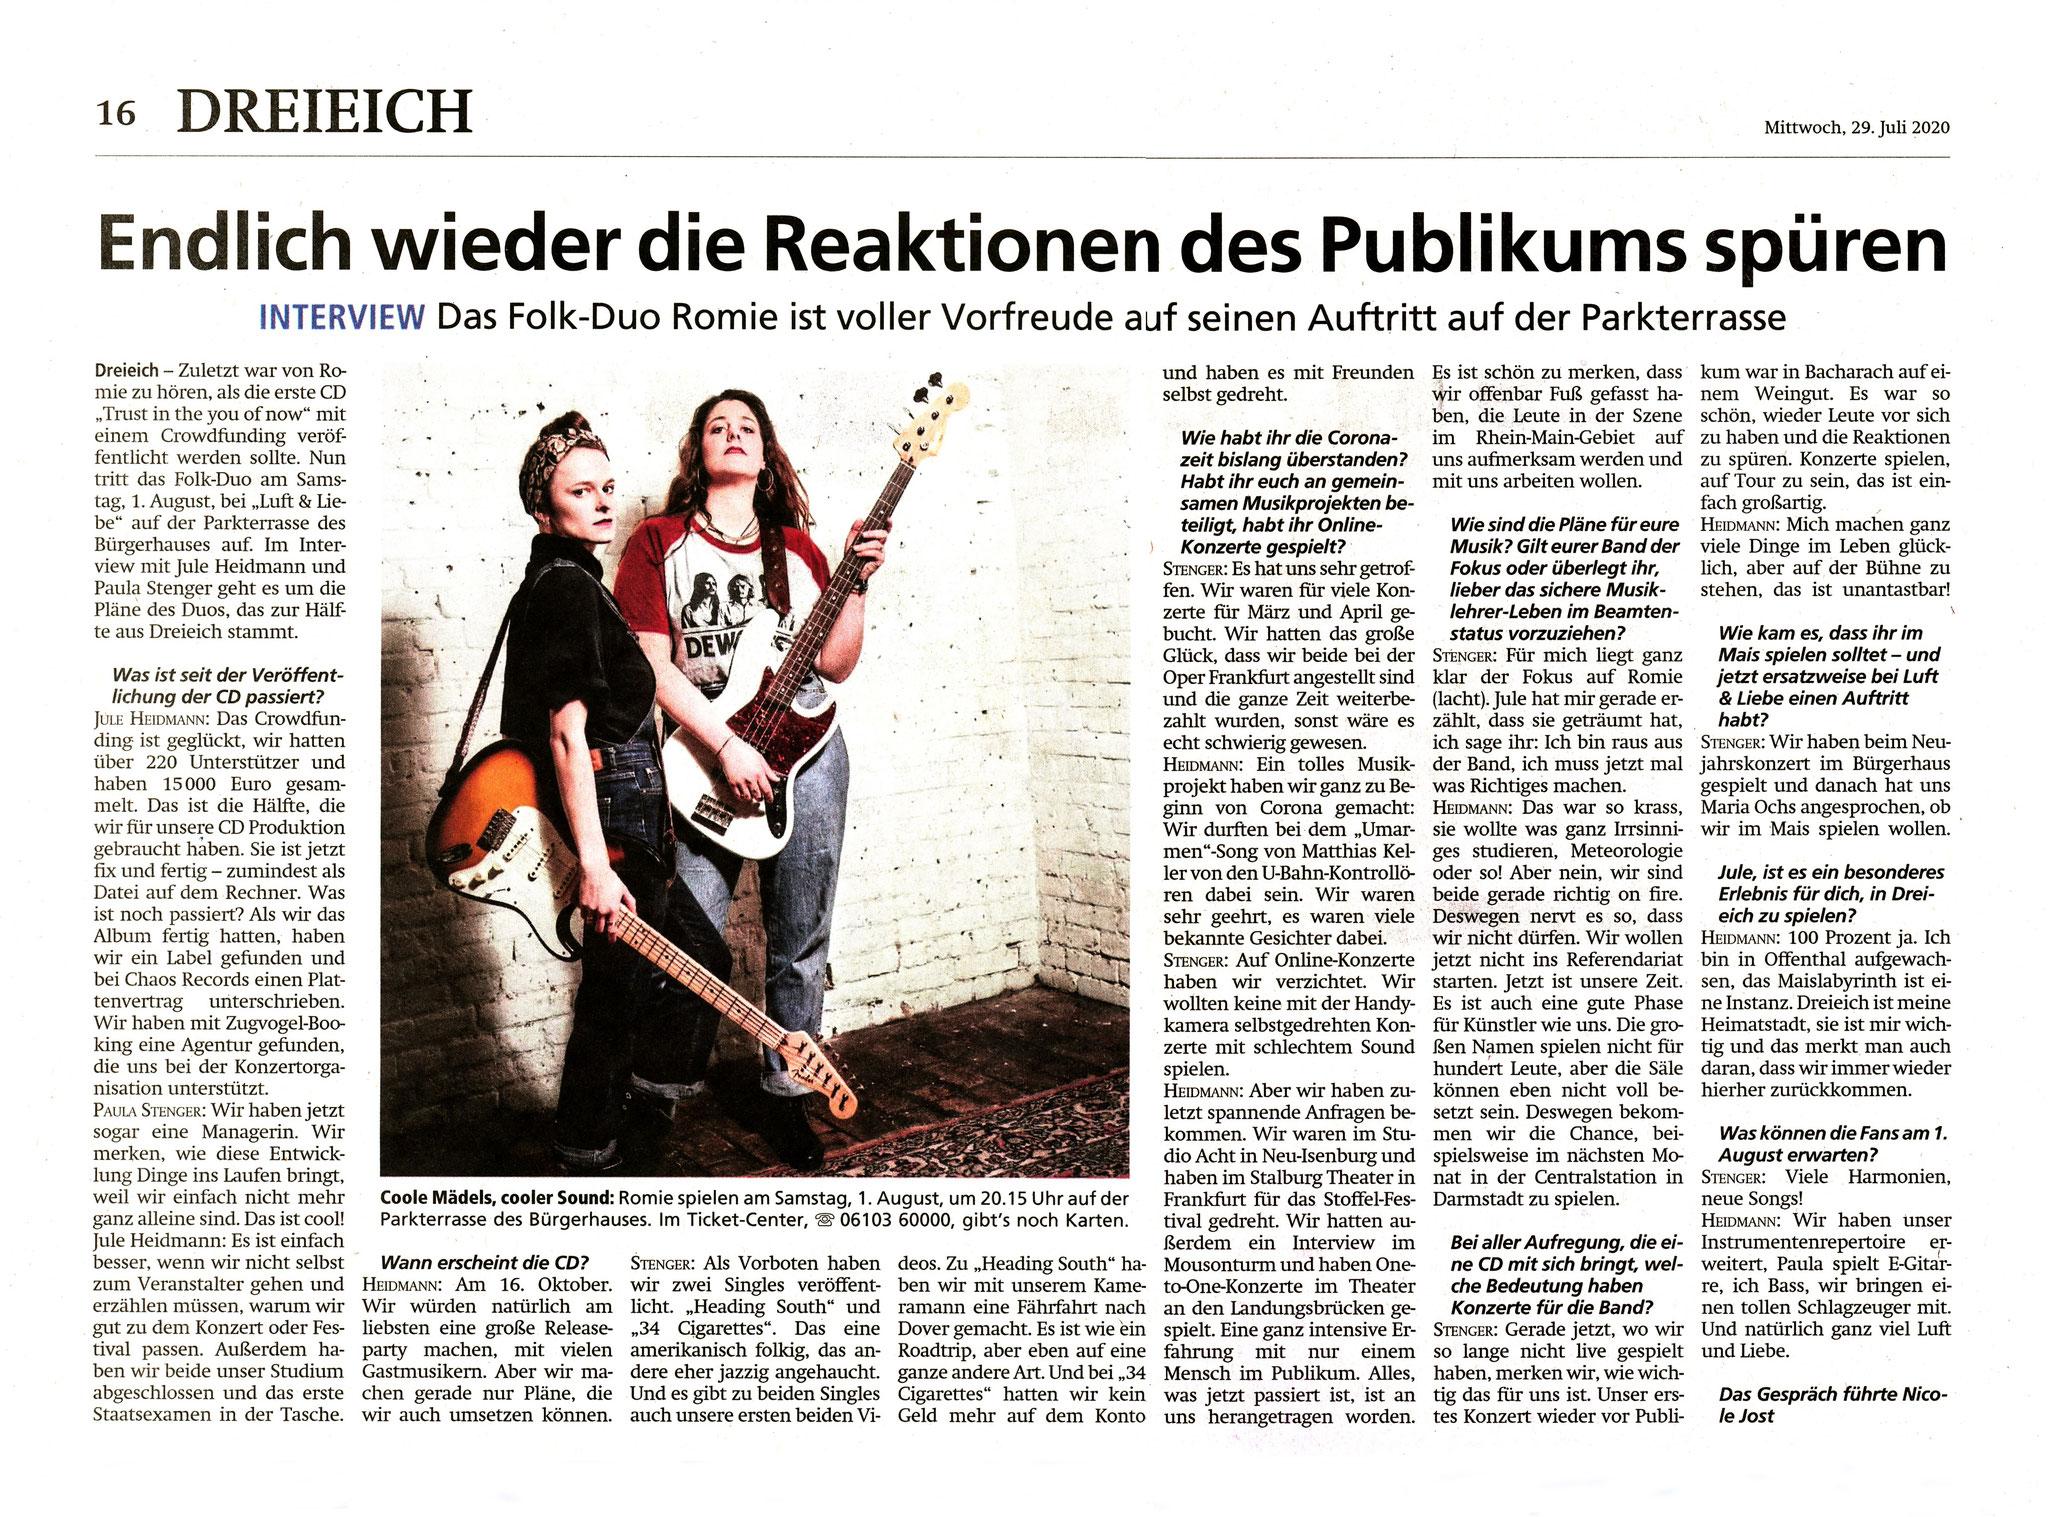 Artikel Offenbach Post, 29. Juli 2020